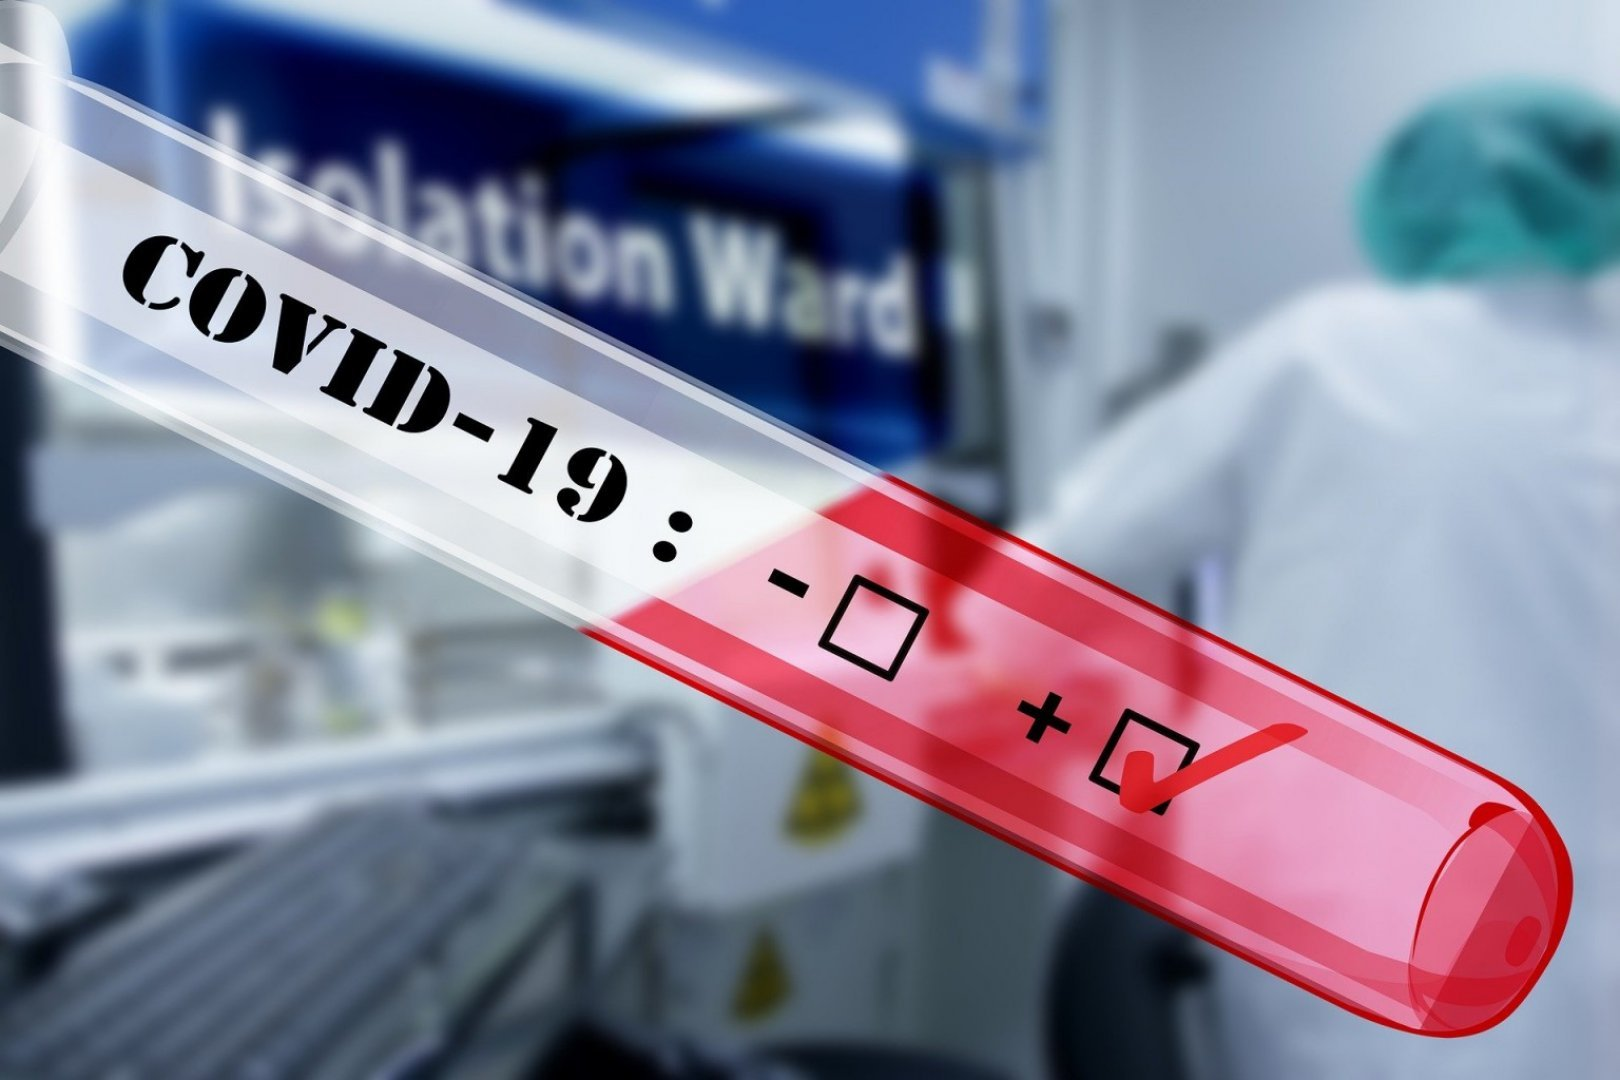 Потвърдените случаи чрезPCR теста са 927броя, а чрез бърз антигенен тест - 935.Снимката е илюстративна